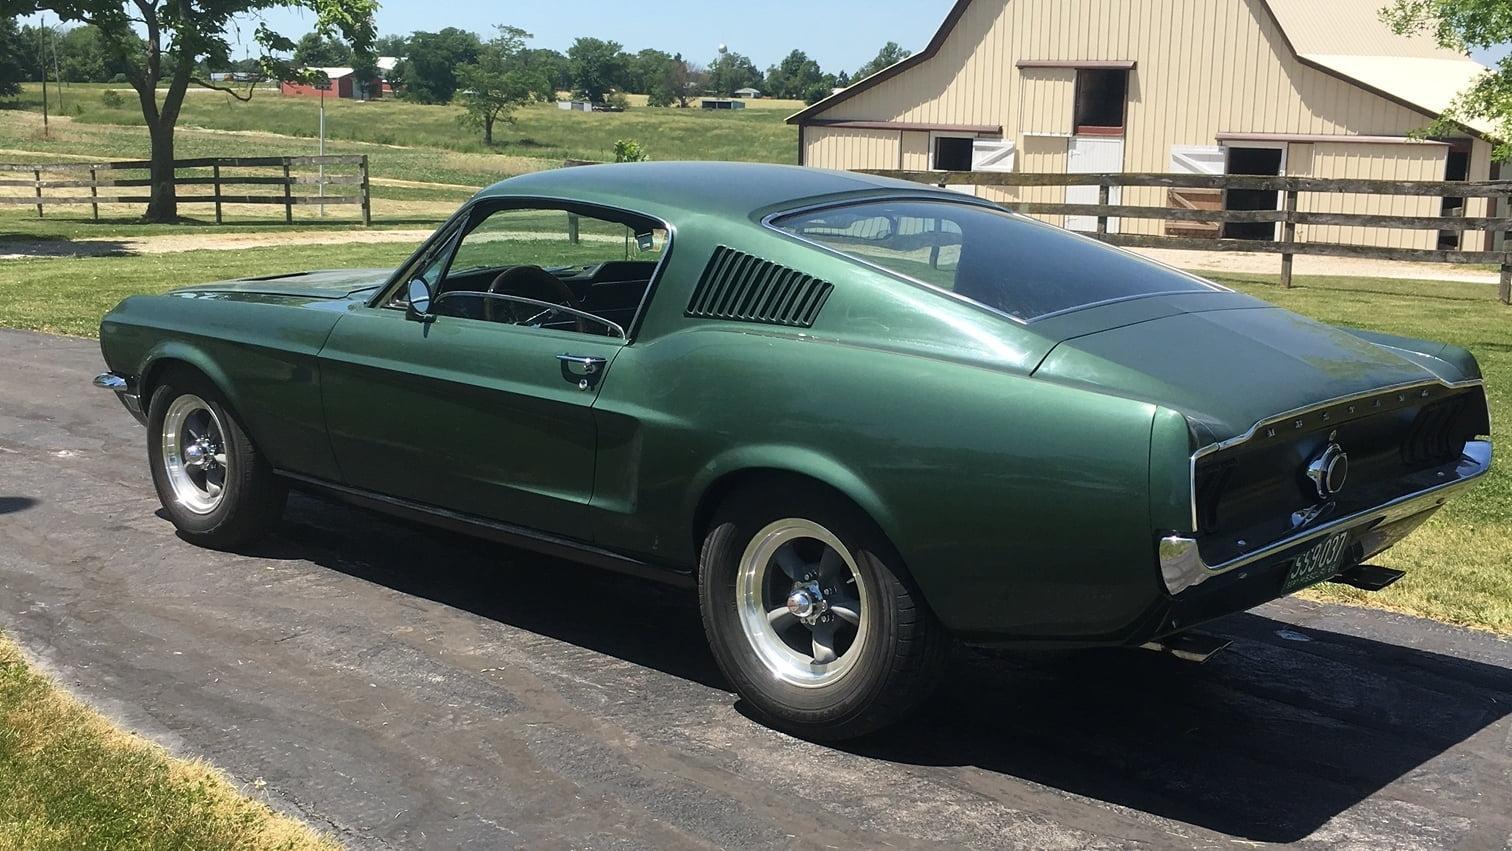 Classifieds Hero: Bullitt-replica Mustang